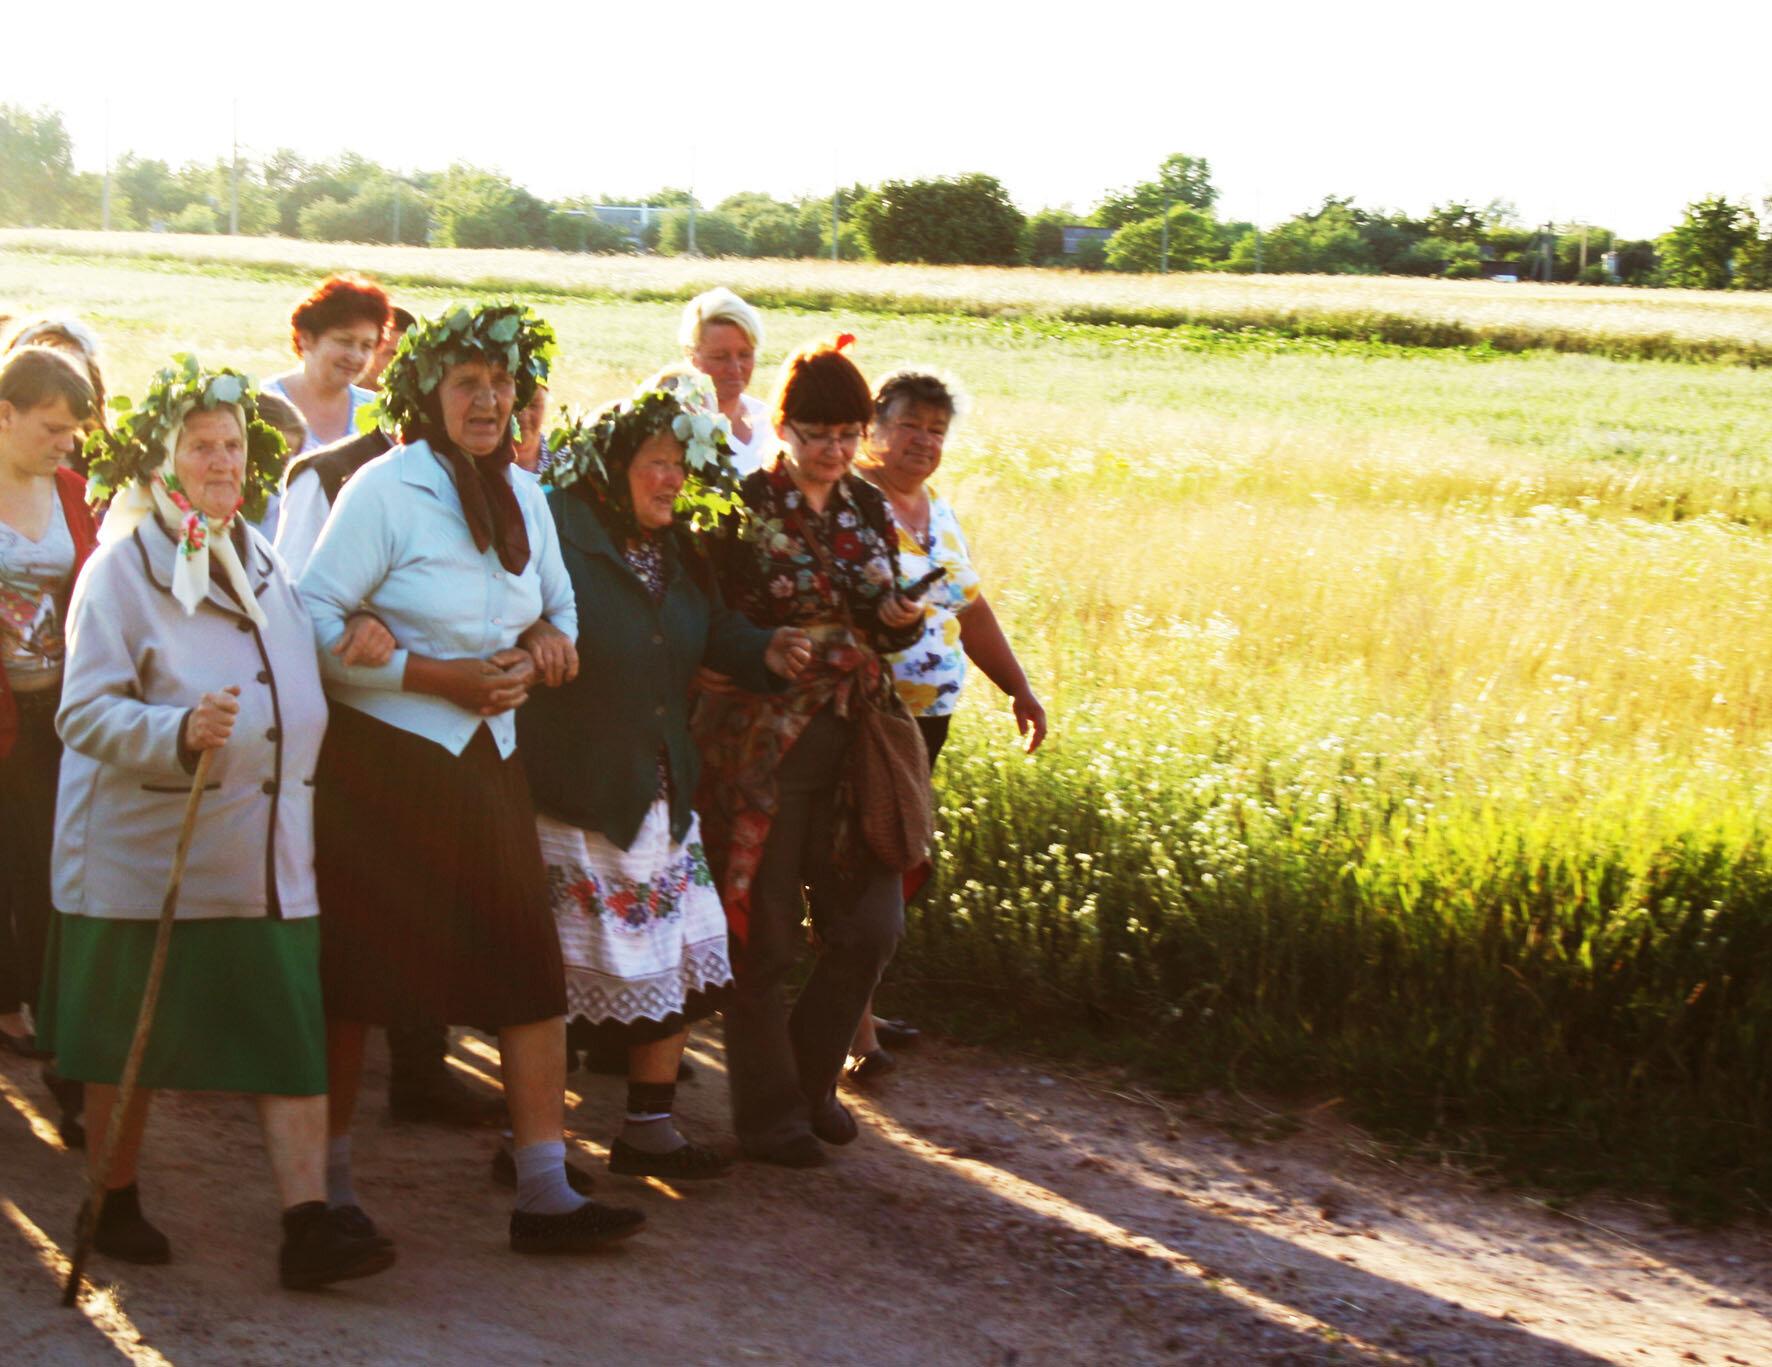 Експедиції у пошуках традиційної музики: 5 дослідників про музичний фольклор